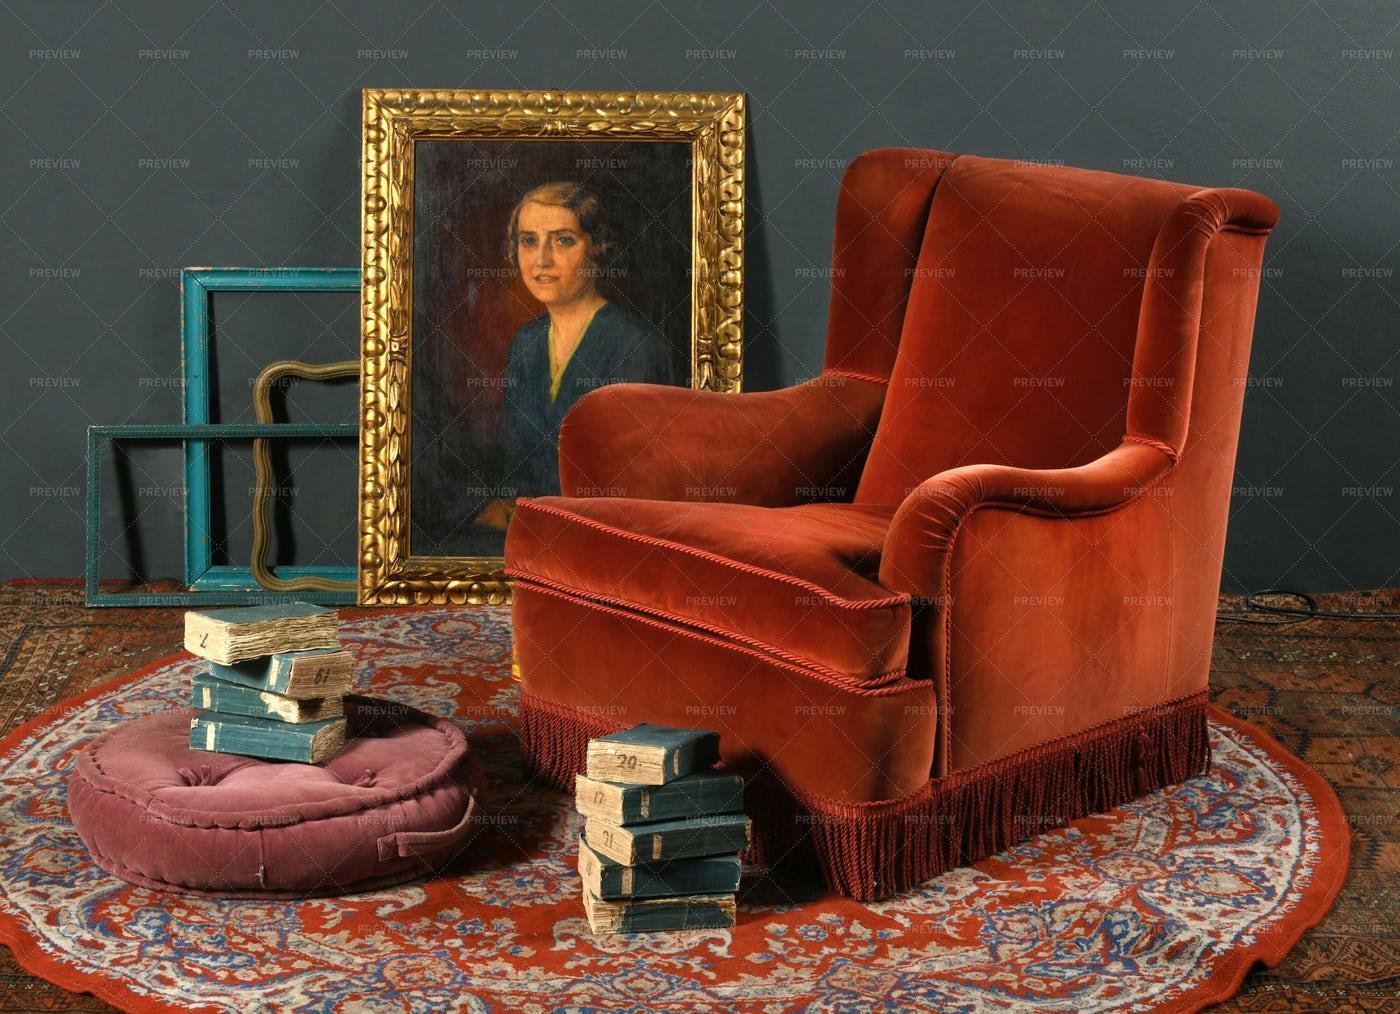 Retro Armchair Near Old Books: Stock Photos